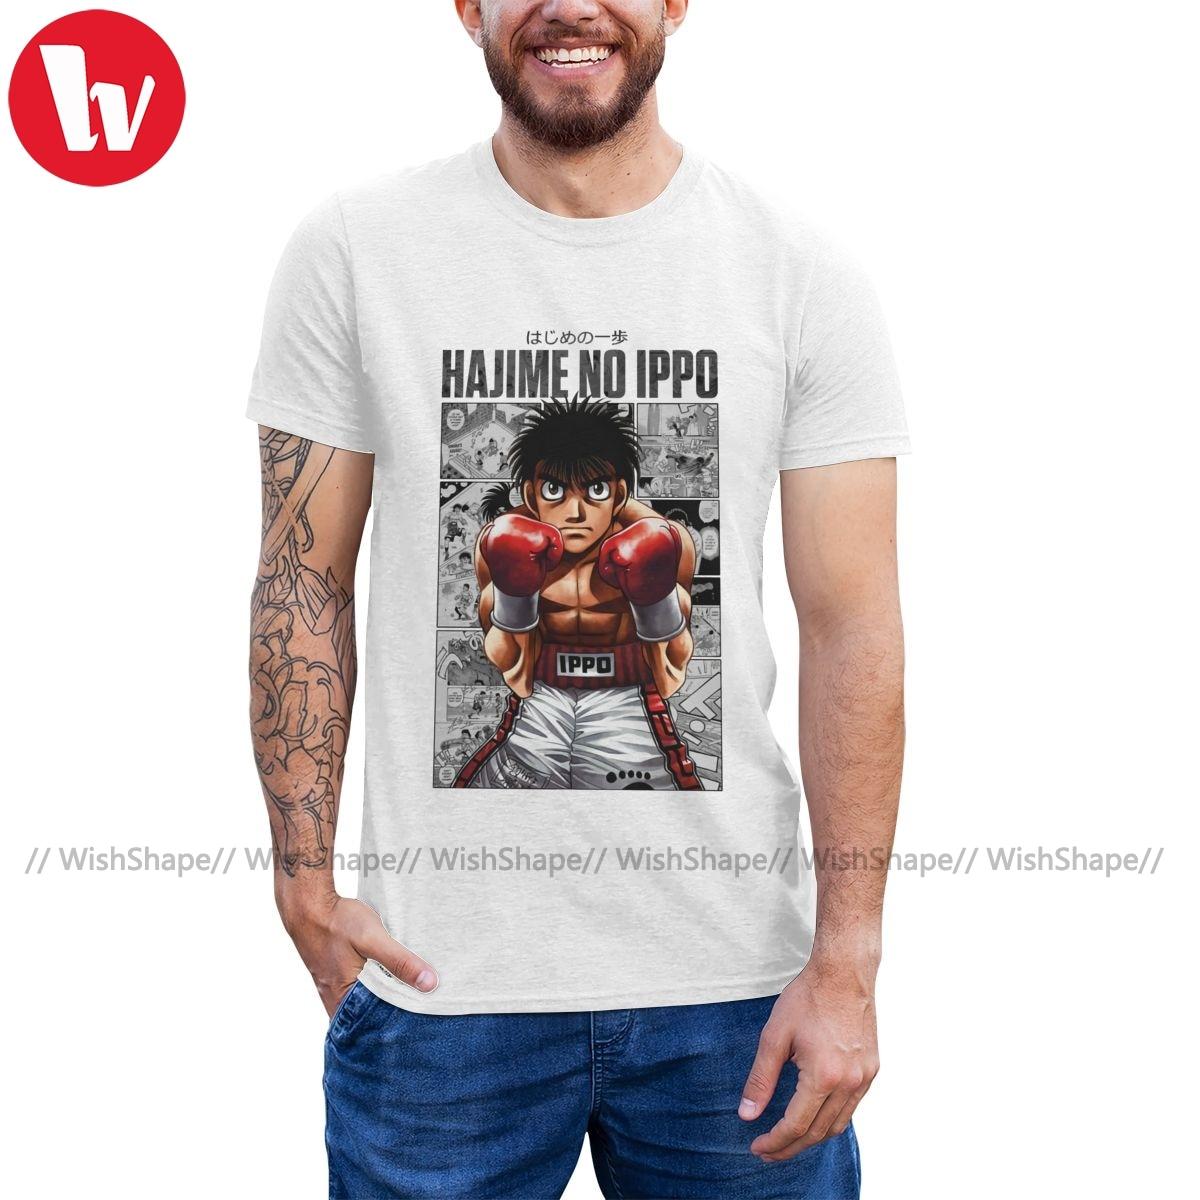 Hajime nenhum ippo t camisa mais forte boxer ippo camiseta engraçado praia camiseta 100 por cento algodão impresso tshirt